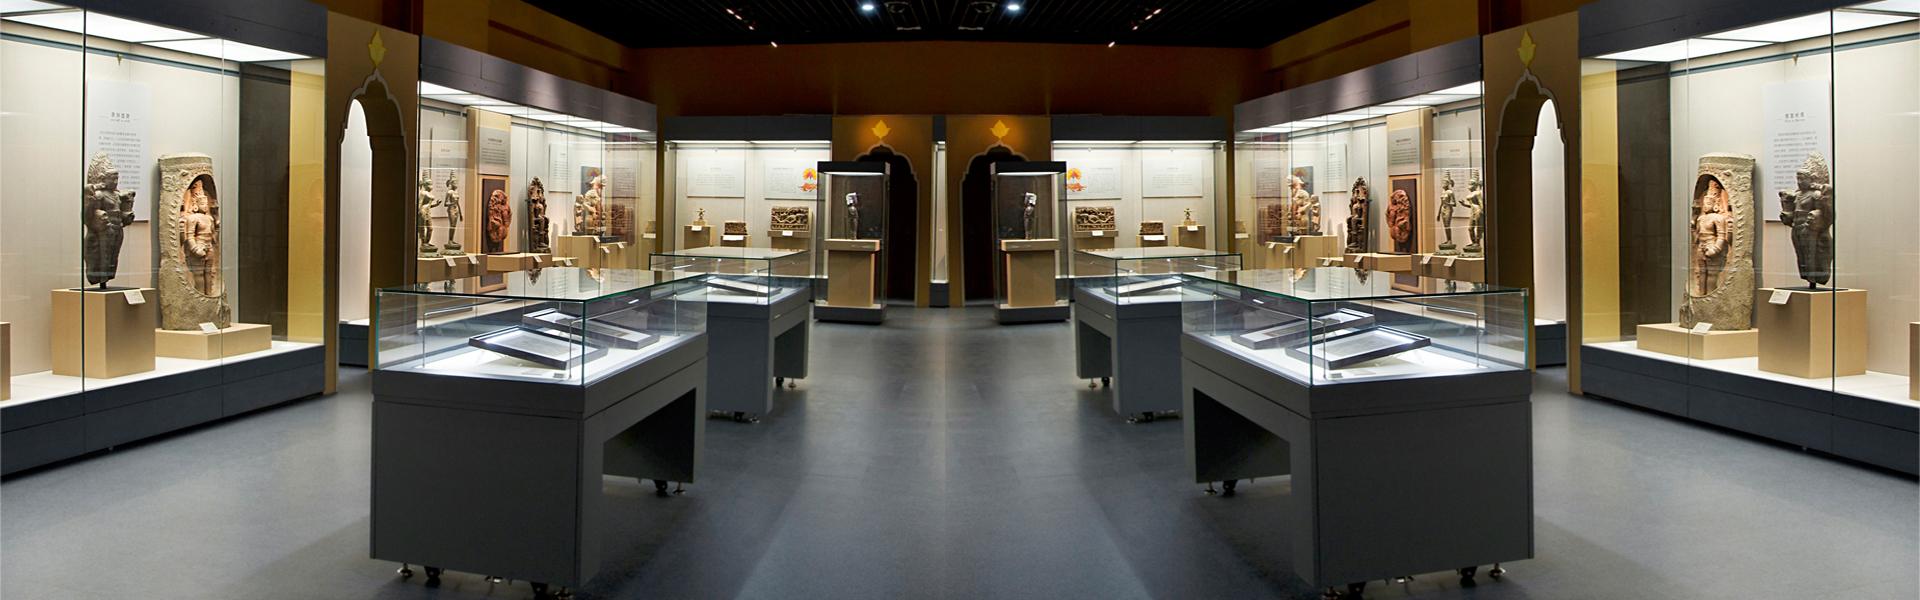 博物馆桌柜